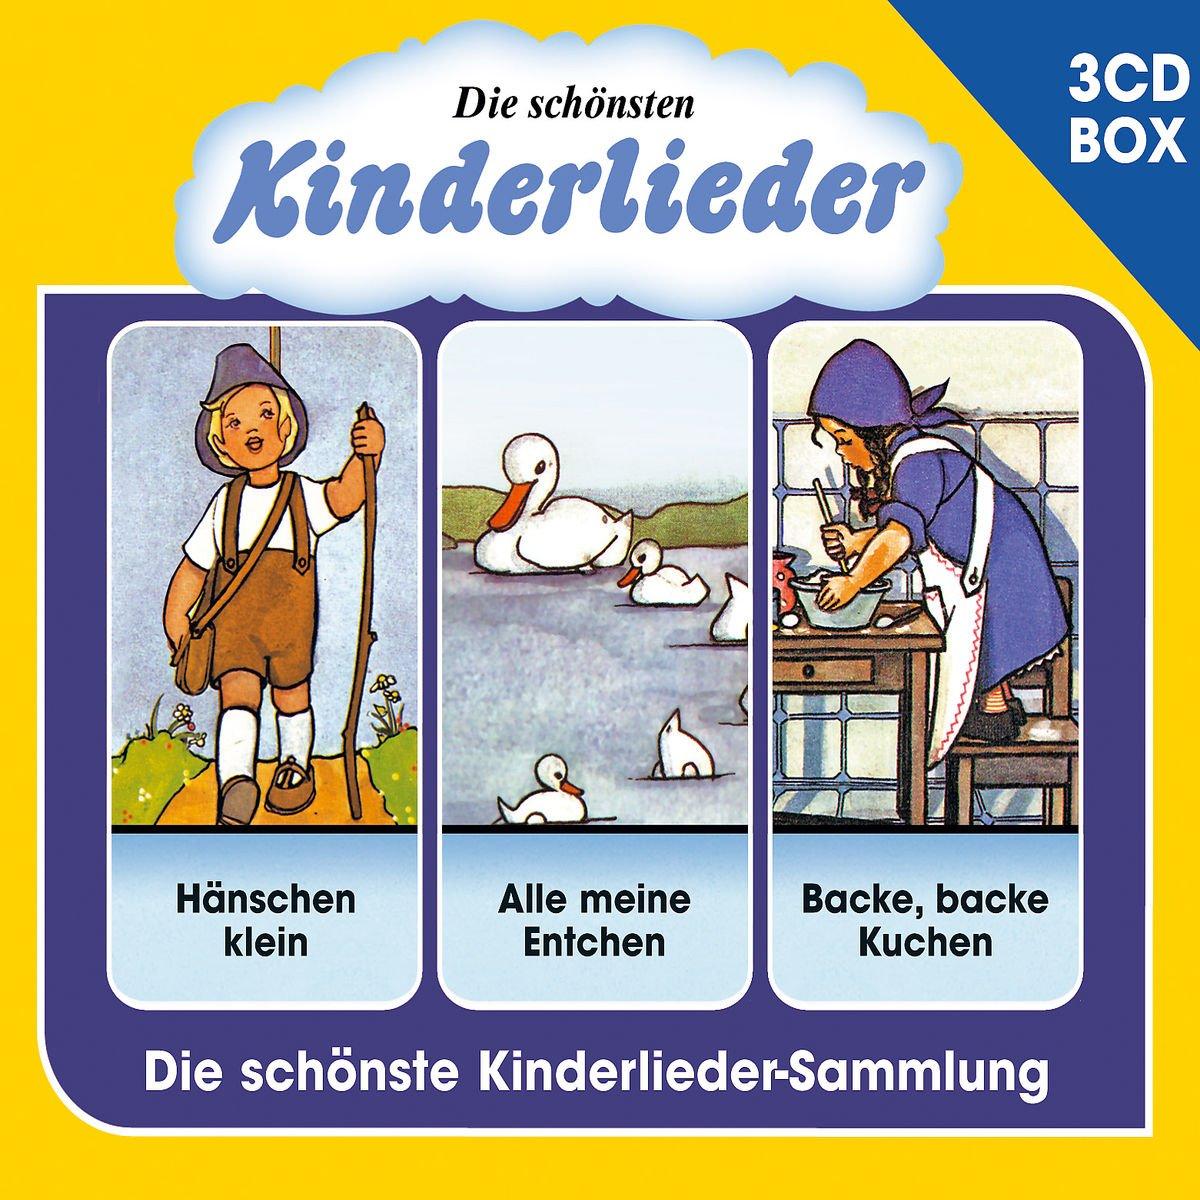 Die Schönsten Kinderlieder   3 CD Liederbox Vol. 1   Various: Amazon.de:  Musik